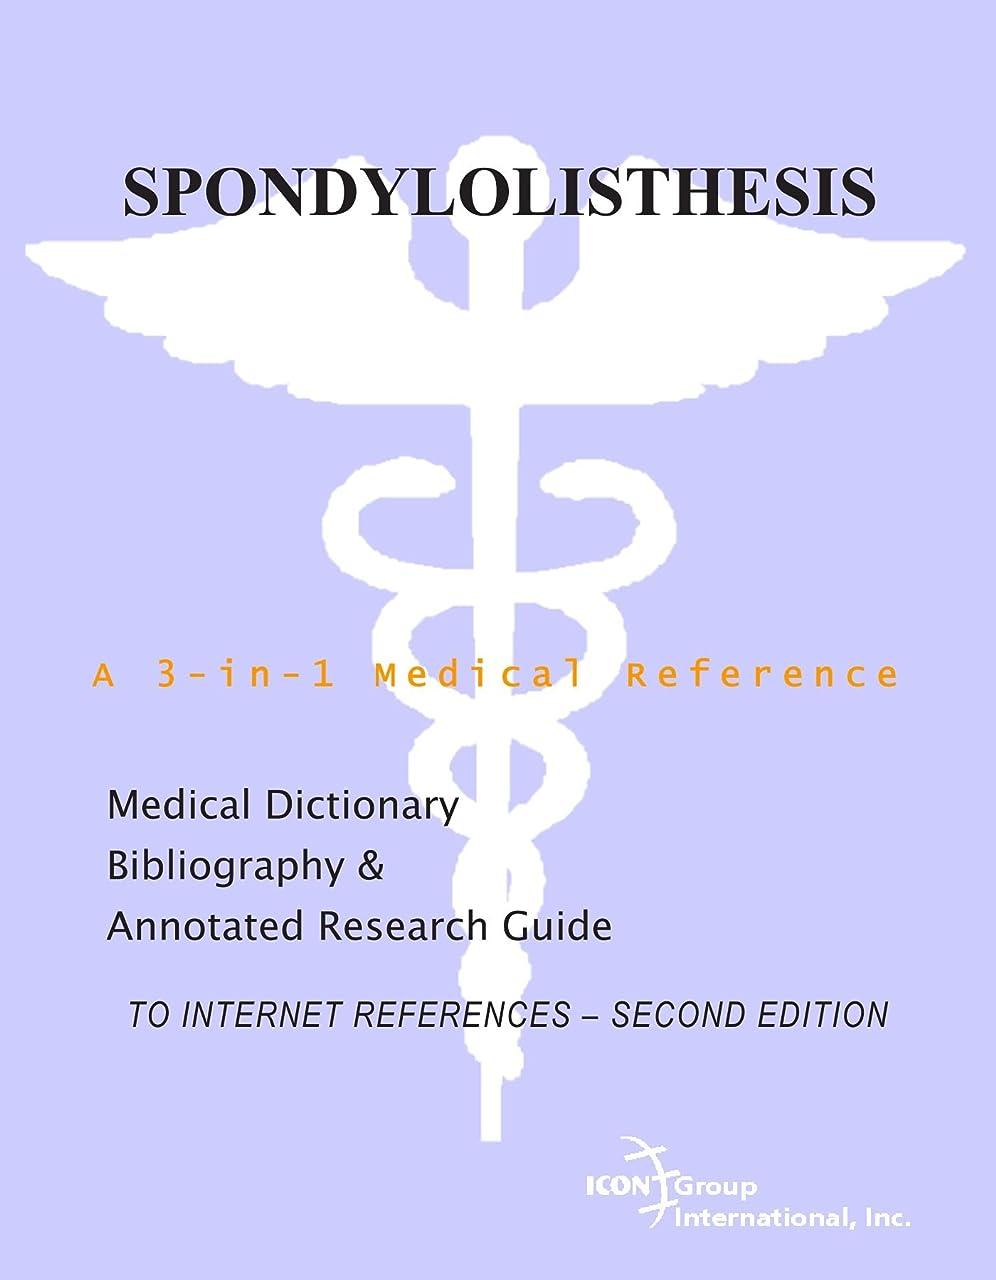 降臨ワゴン接続されたSpondylolisthesis - A Medical Dictionary, Bibliography, and Annotated Research Guide to Internet References - SECOND EDITION